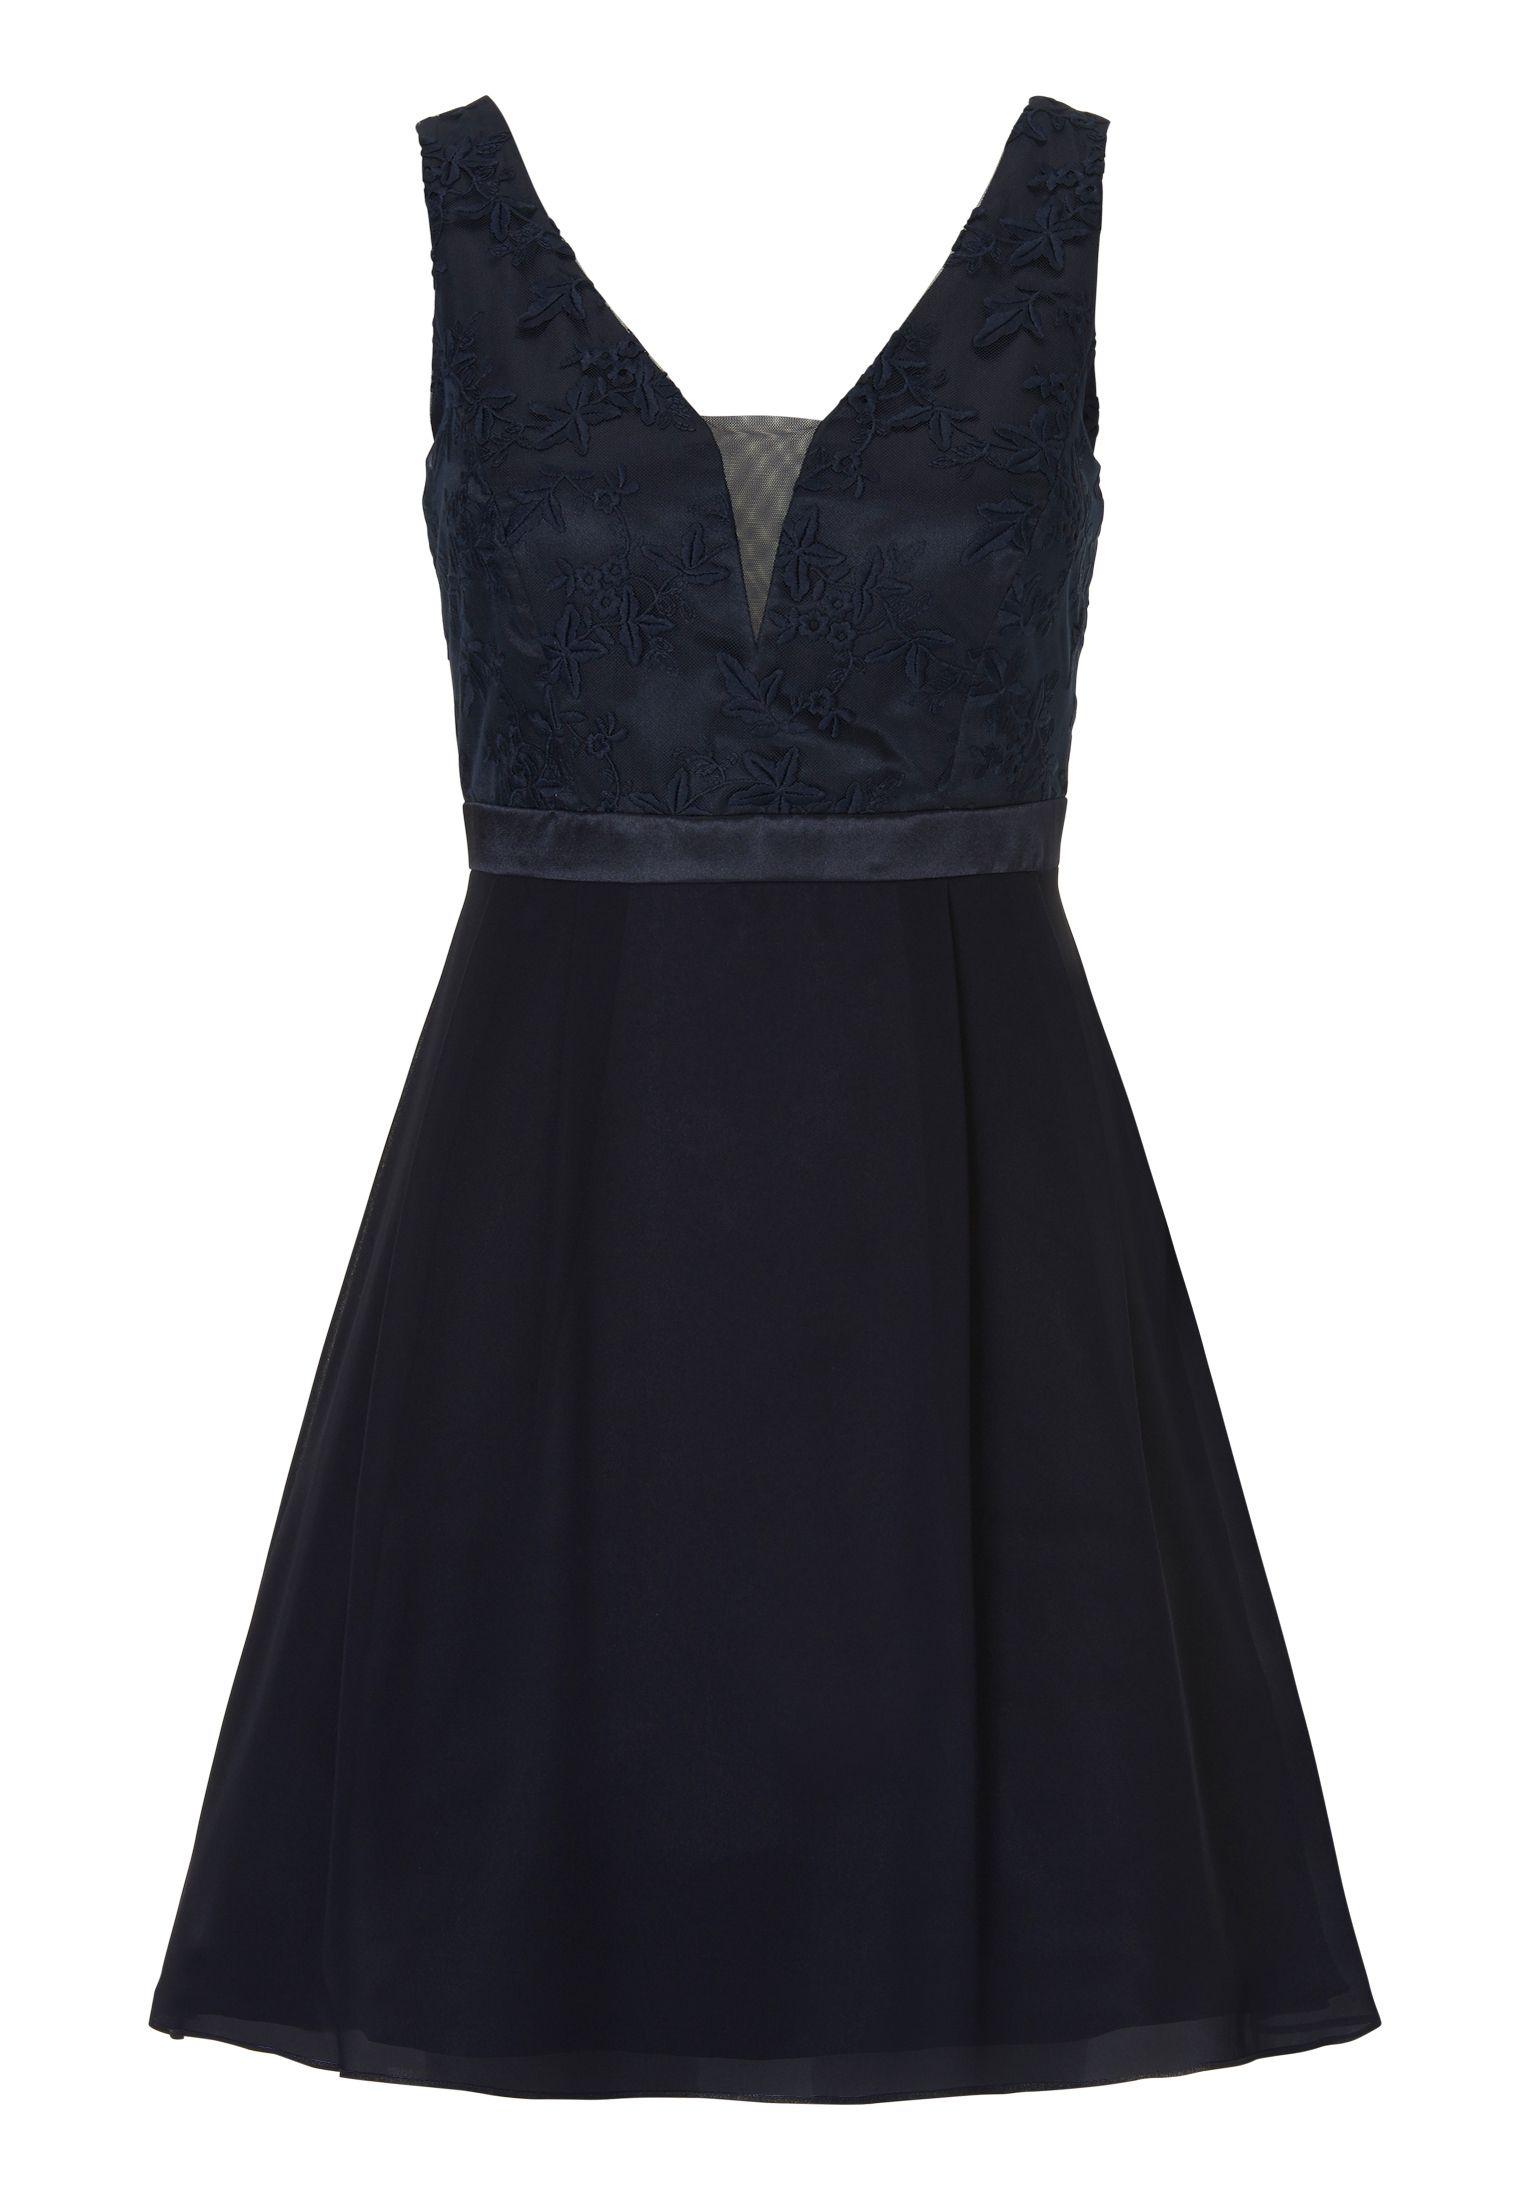 Cocktailkleid Mit Transparentem Rucken Vera Mont Dunkelblau Mode Bosckens Mit Bildern Cocktailkleid Kleider Schwarzes Kleid